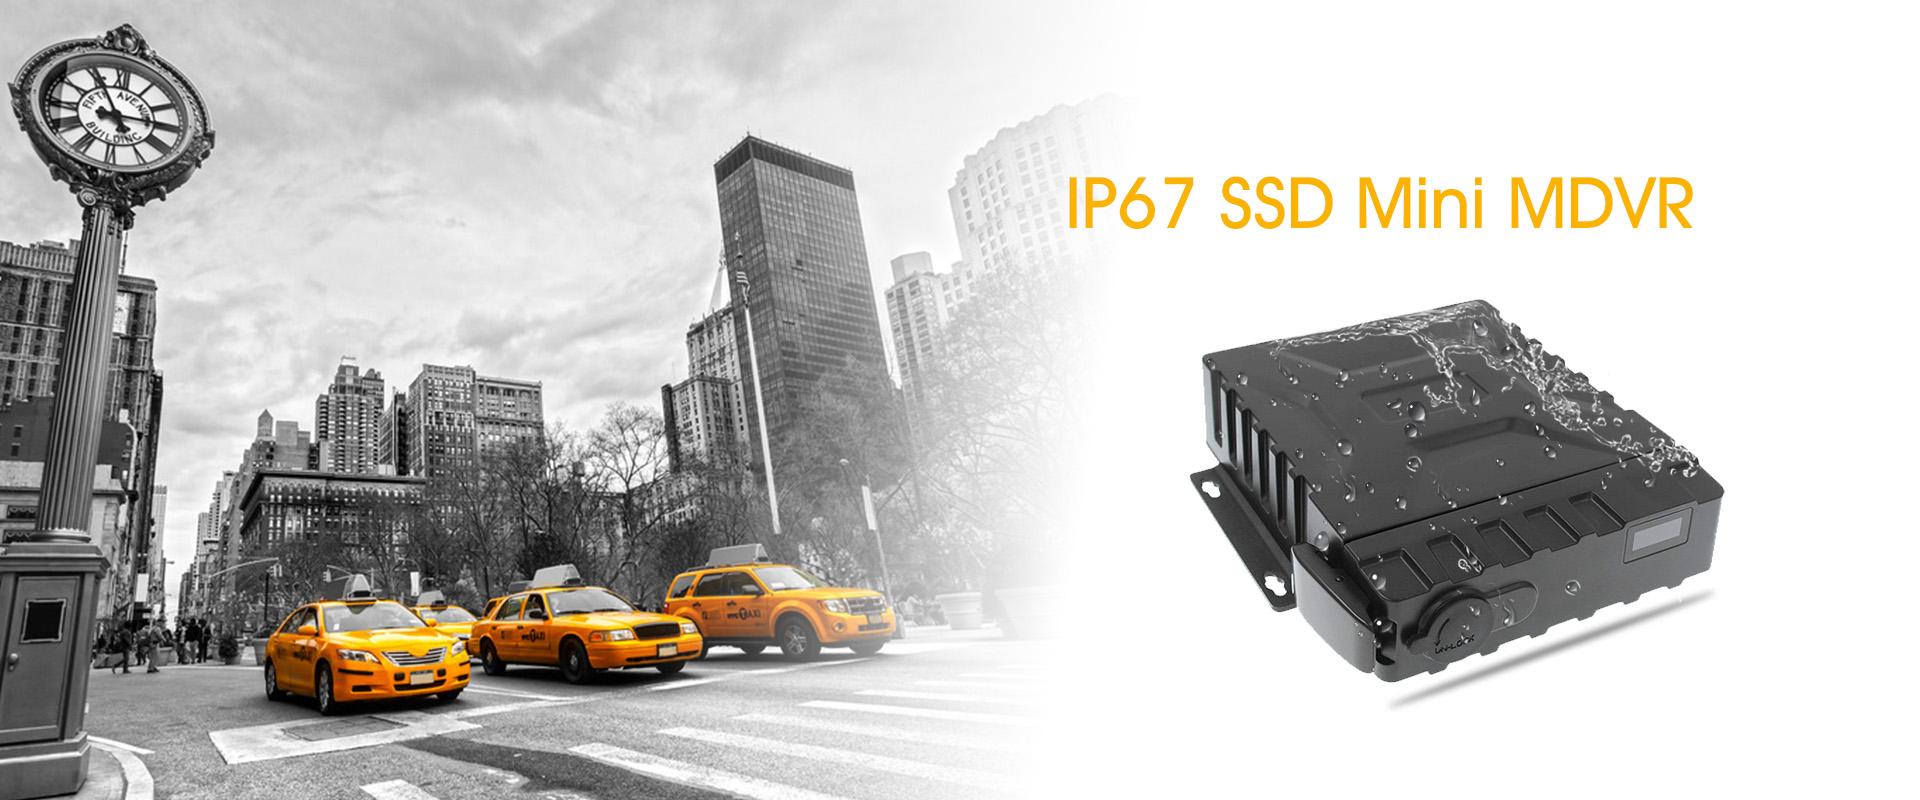 IP67 SSD Mini MDVR